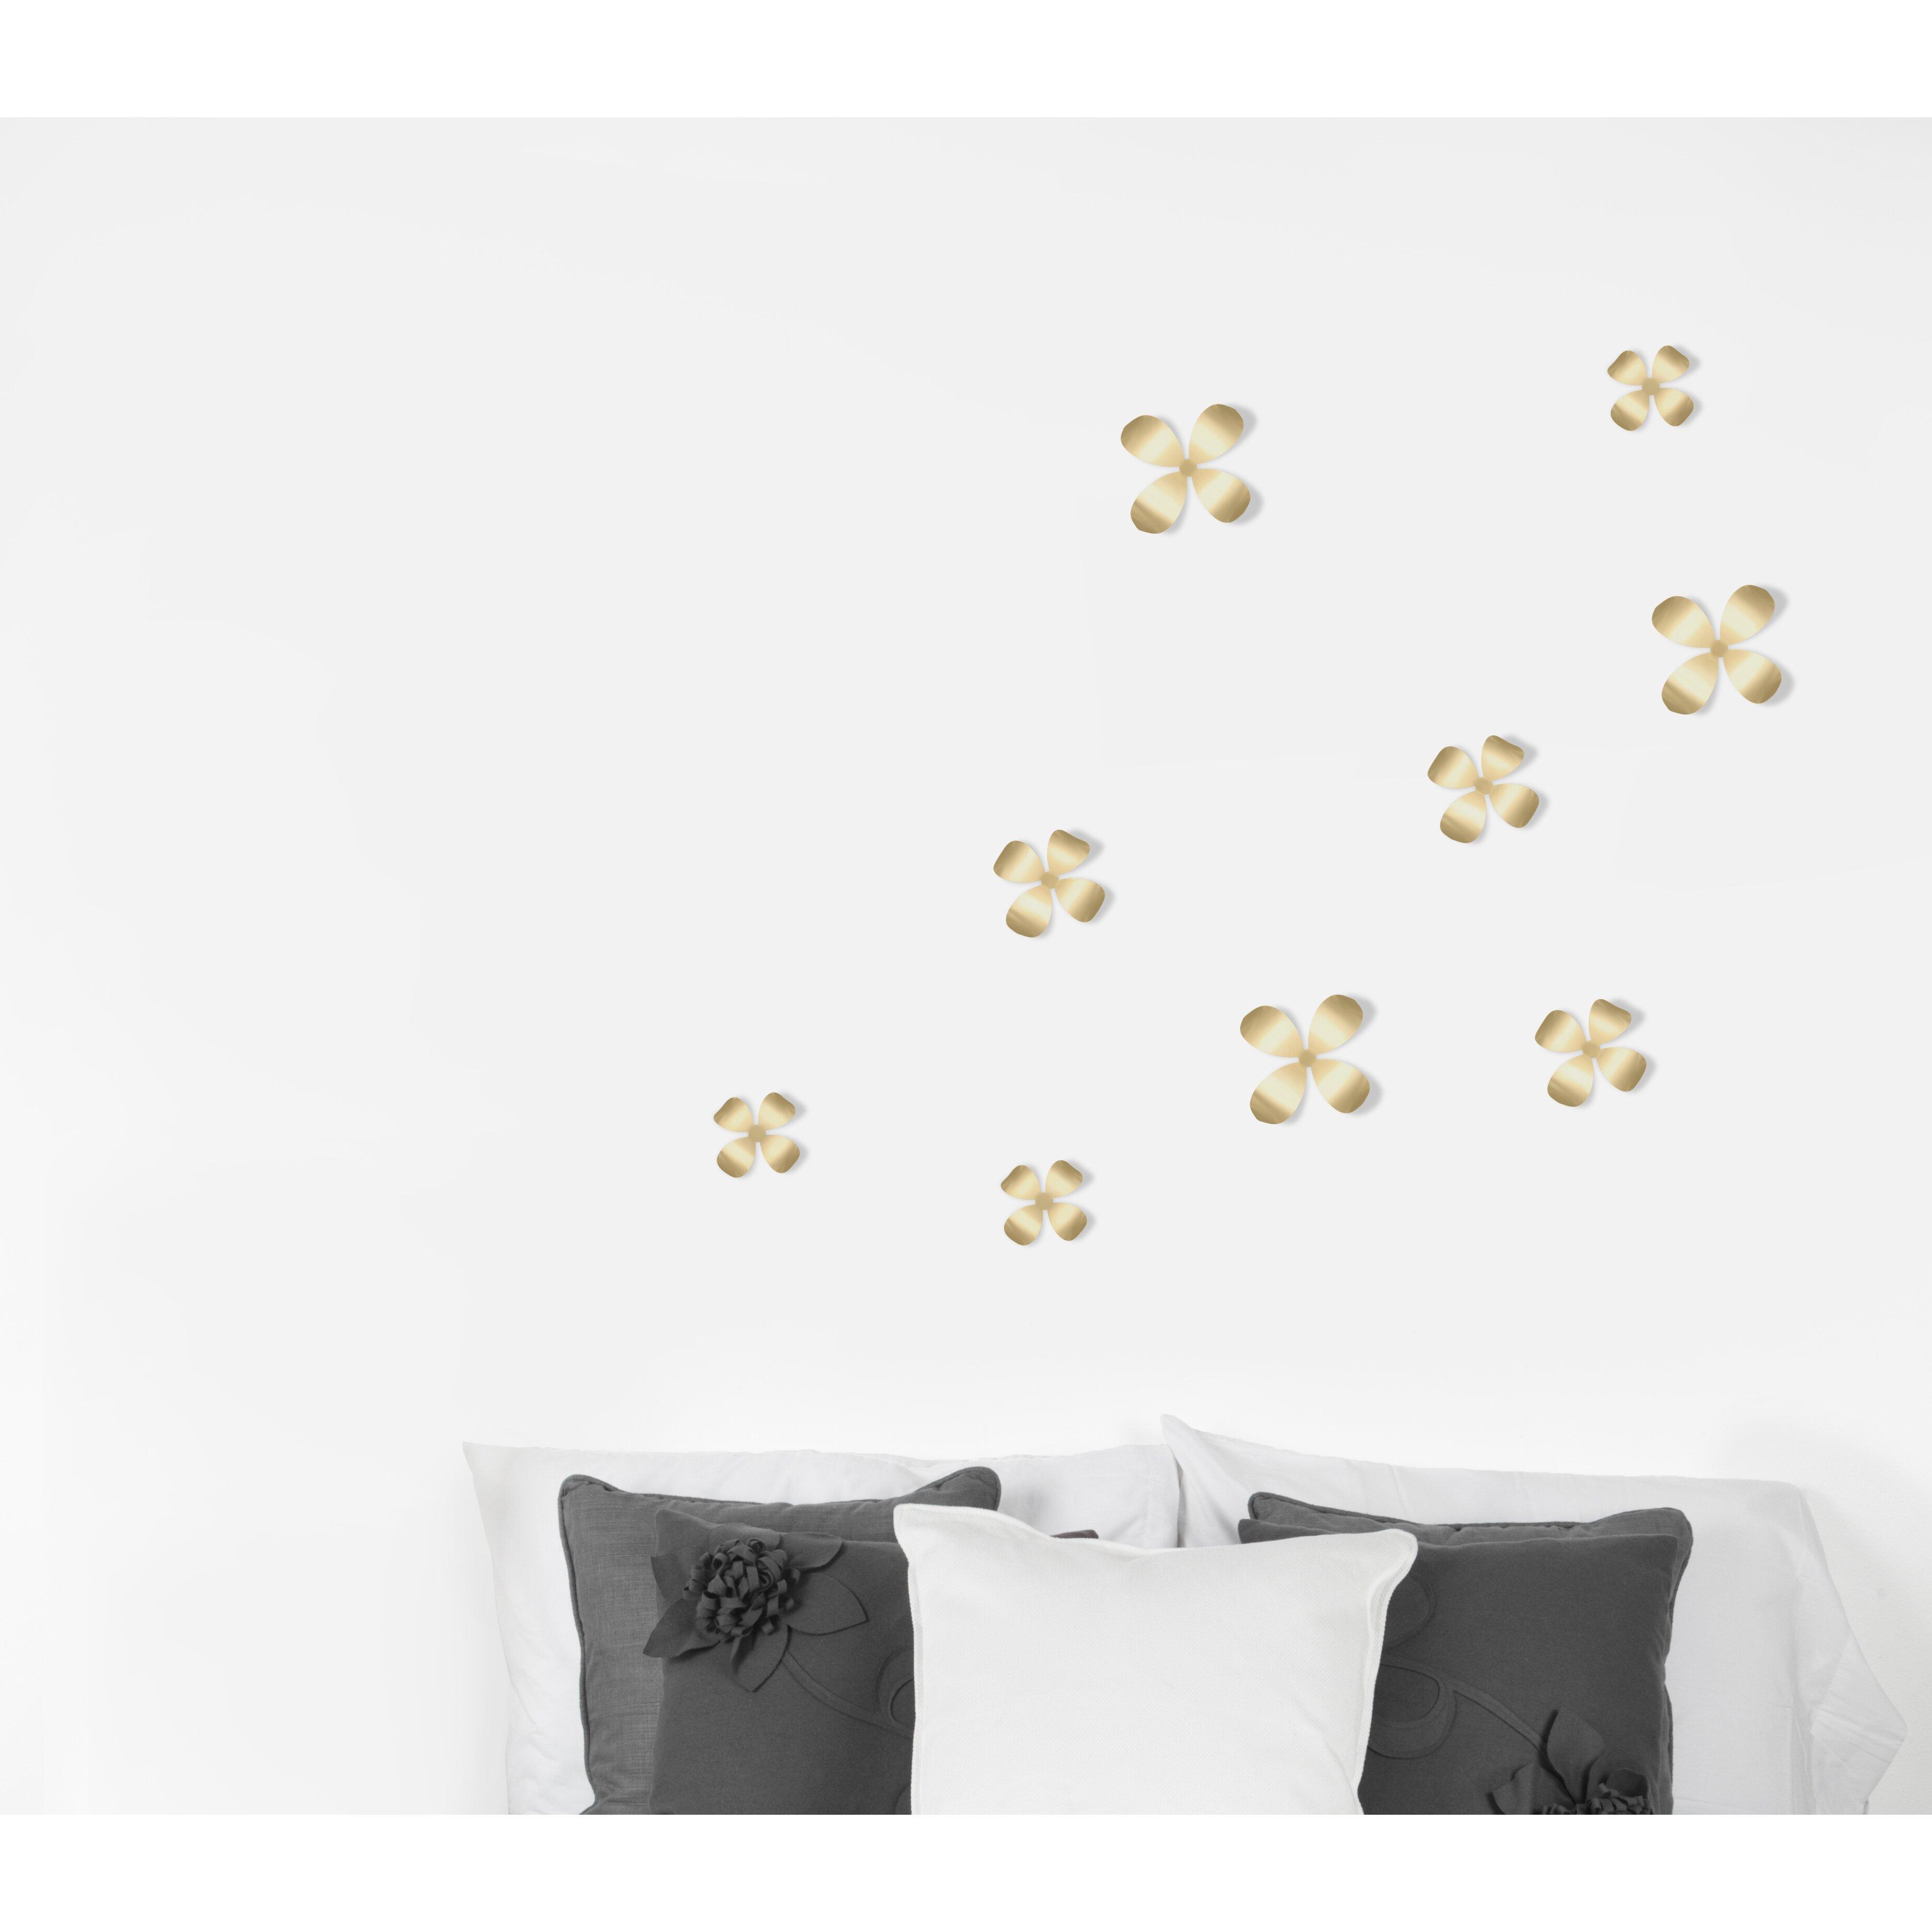 Umbra Wallflower Wall Décor Set Of 25 : Umbra piece wallflower wall d?cor set reviews wayfair